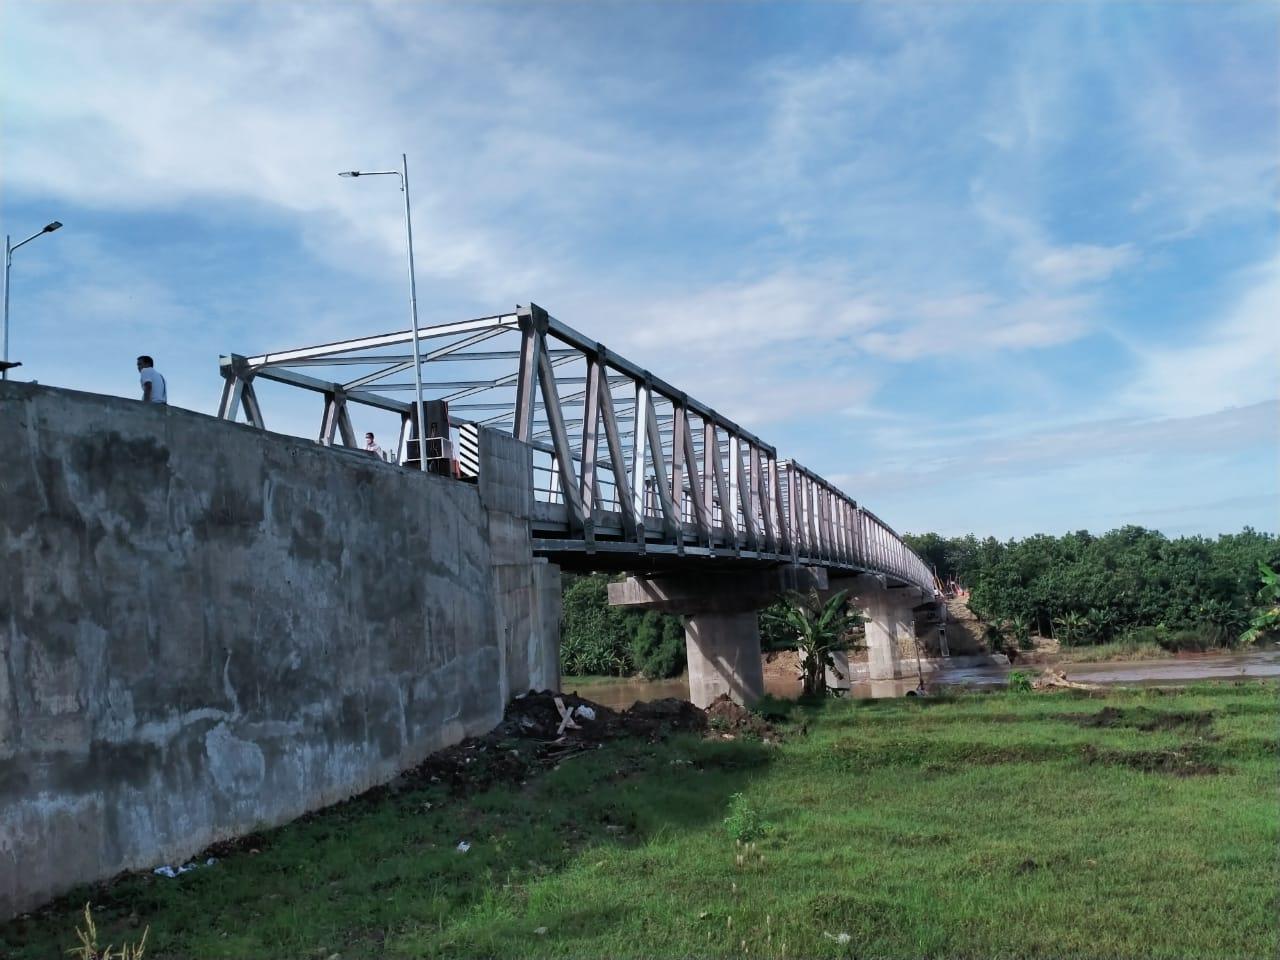 Jembatan Terusan Bojonegoro-Blora yang diresmikan oleh Menteri PUPR dan Mensesneg, Minggu (3/1/2021) lalu. (Foto: Mila Arinda/Tugu Jatim)